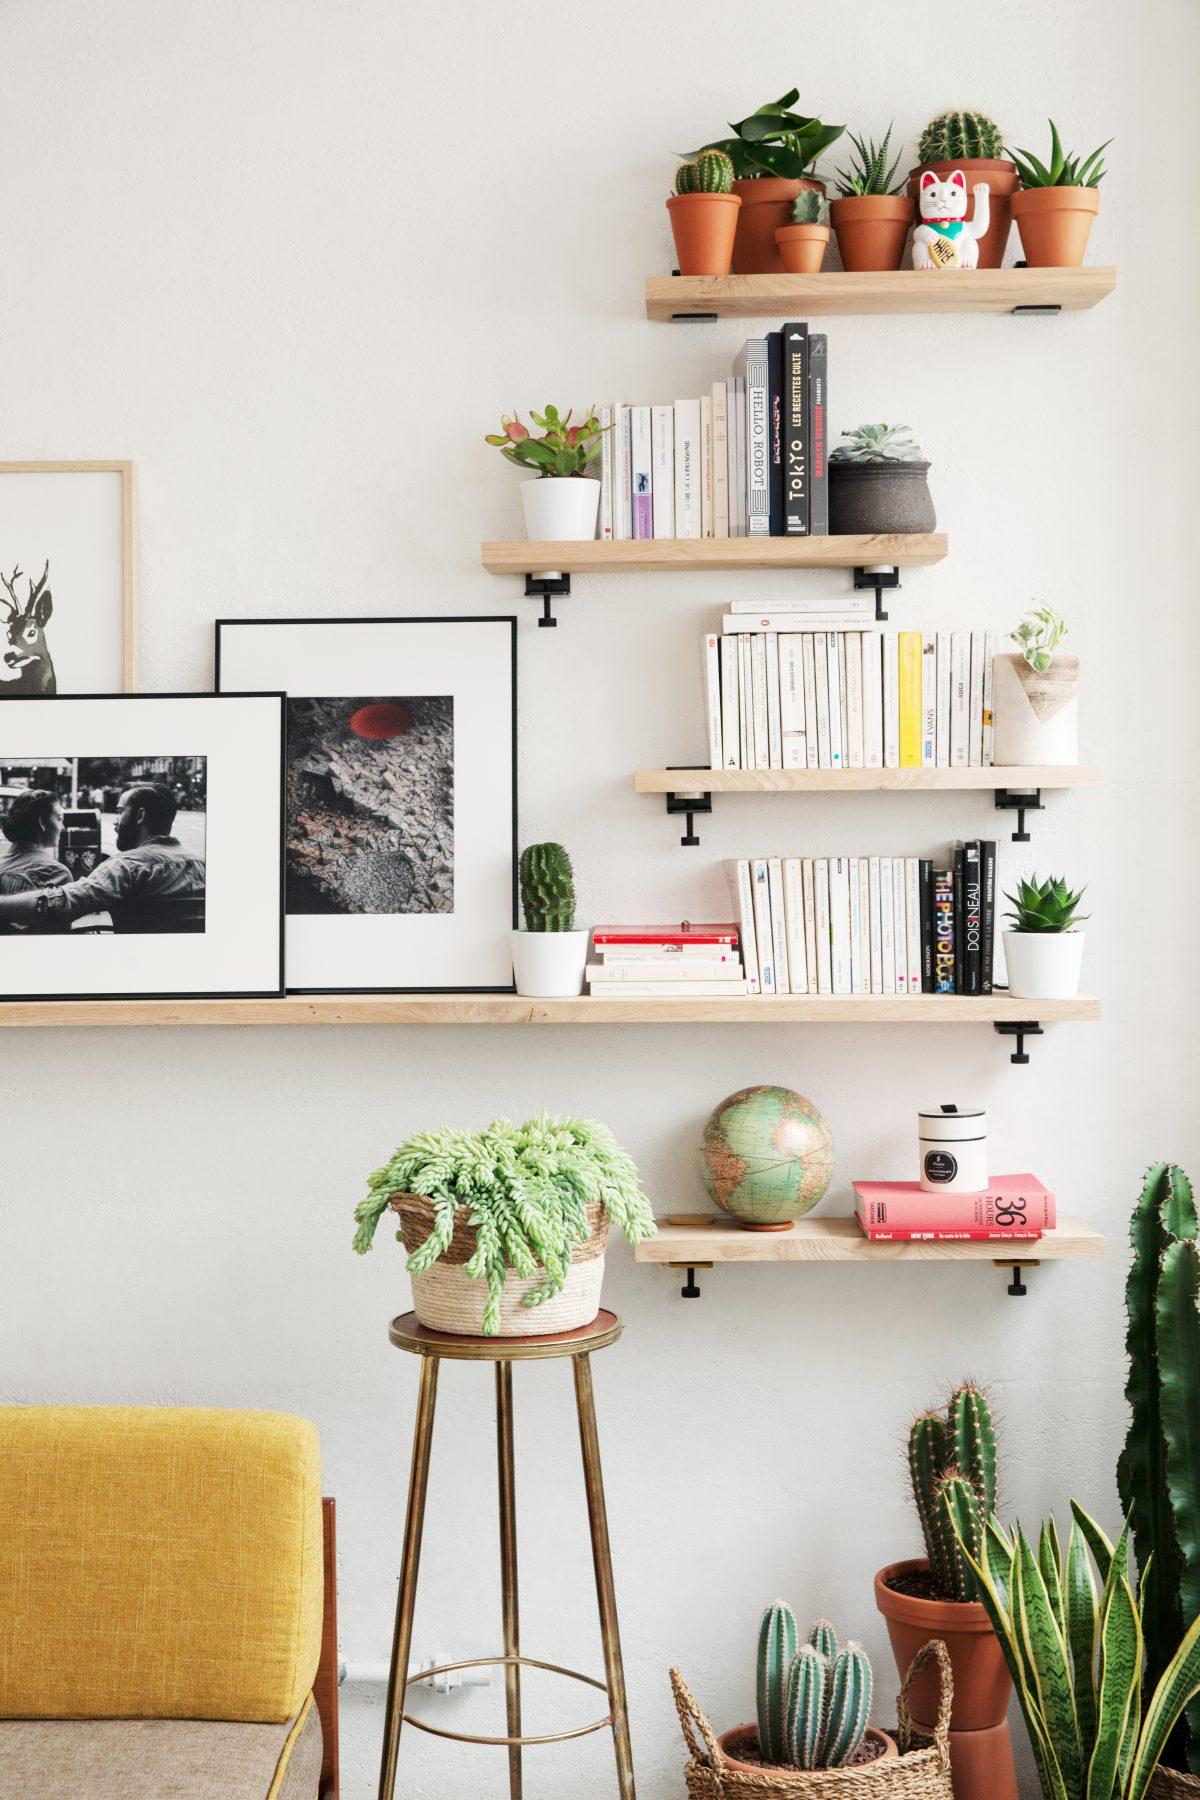 Exceptionnel Lu0027accroche Murale TIPTOE Permet De Créer Une étagère Avec De Nombreuses  Tablettes Ou Un Bureau Mural Avec Les Pieds TIPTOE